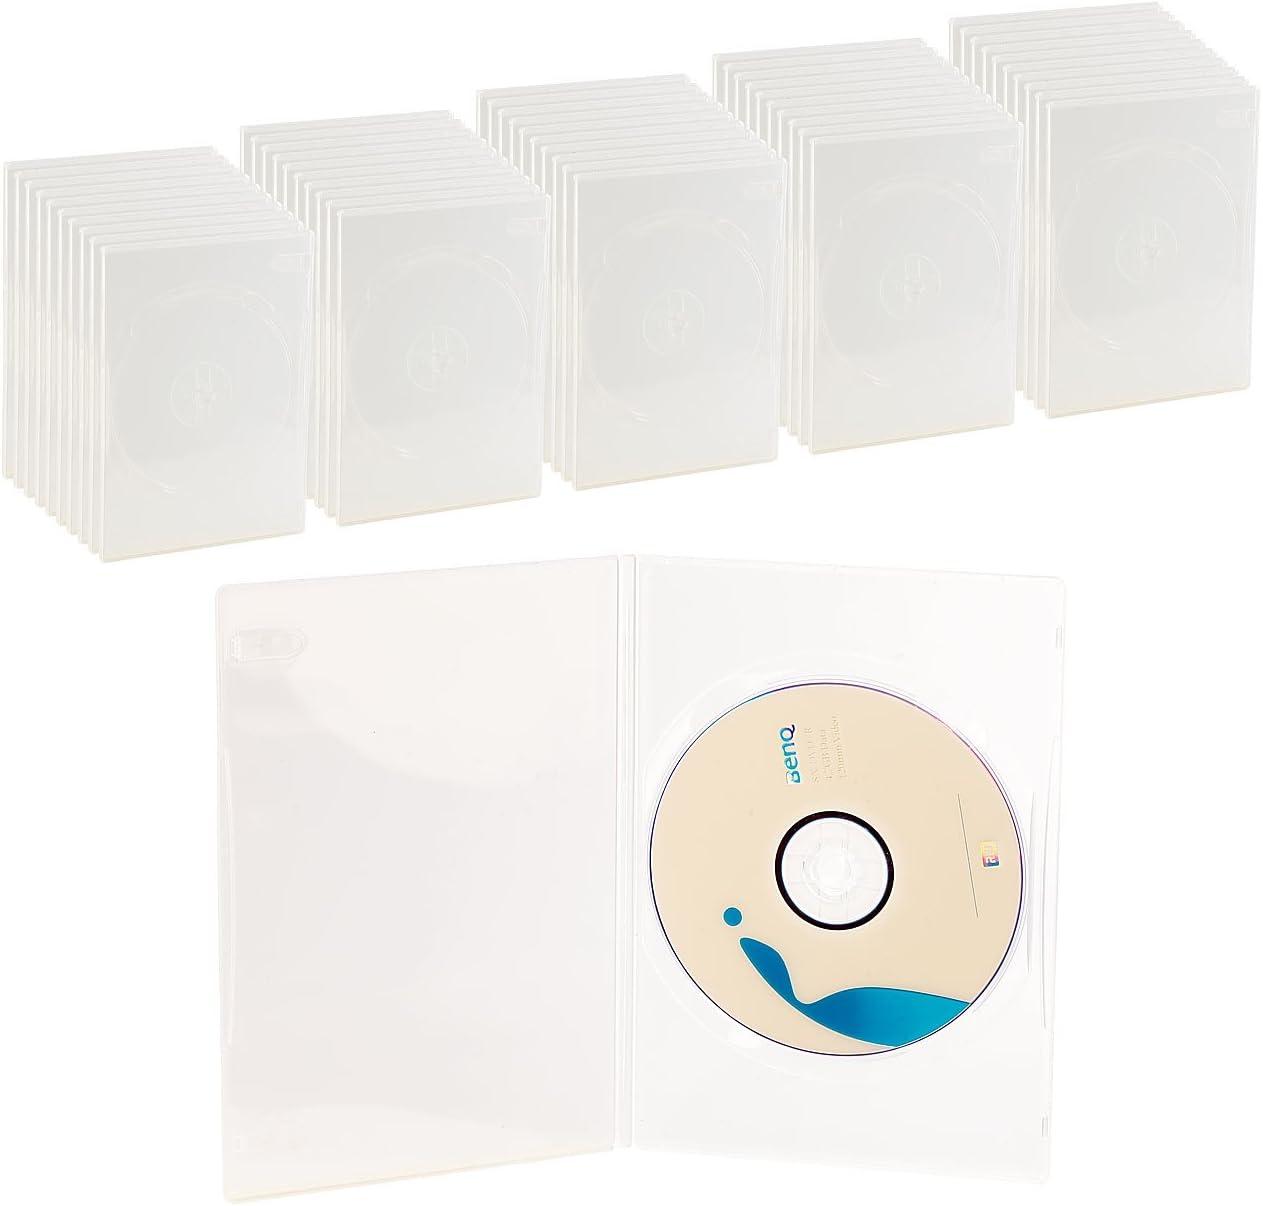 DVD Slim (7 mm) único DVD caja de 50 unidades, transparentes ...